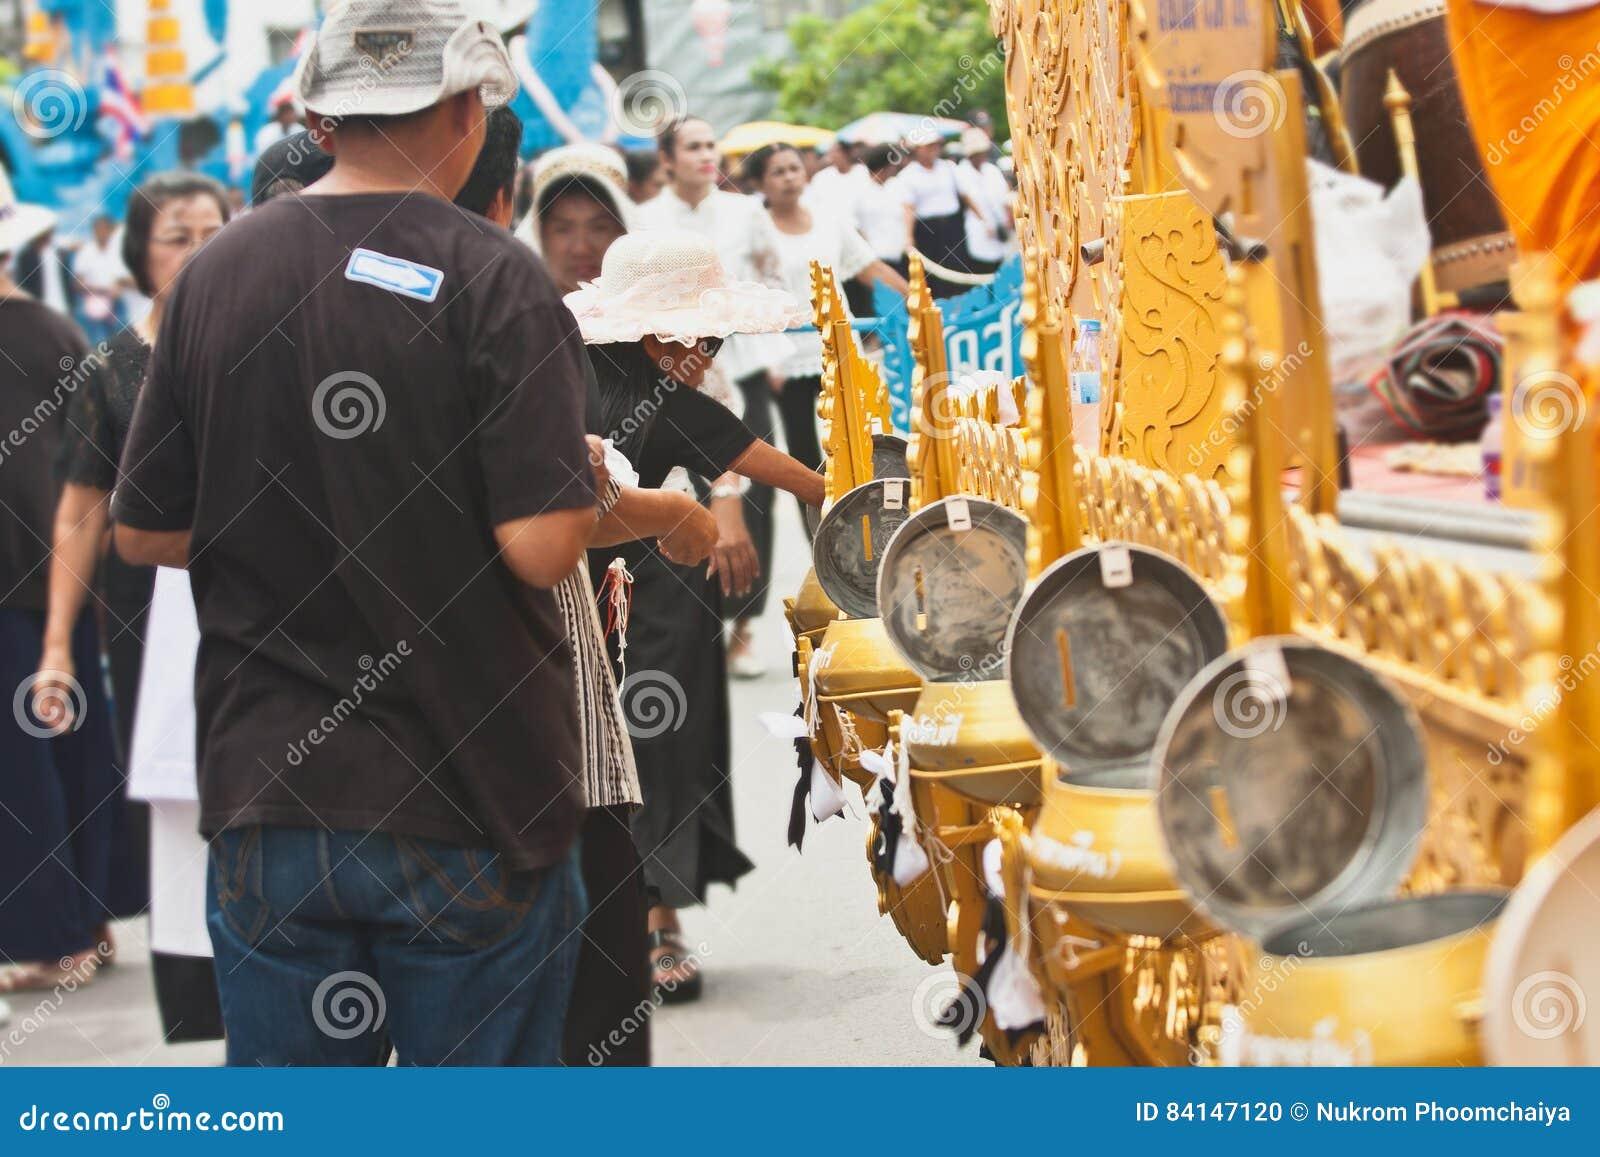 Machen Sie Verdienst und geben Sie den buddhistischen Mönchen Lebensmittelangebote oder spenden Sie Geld am Ende von buddhistisch